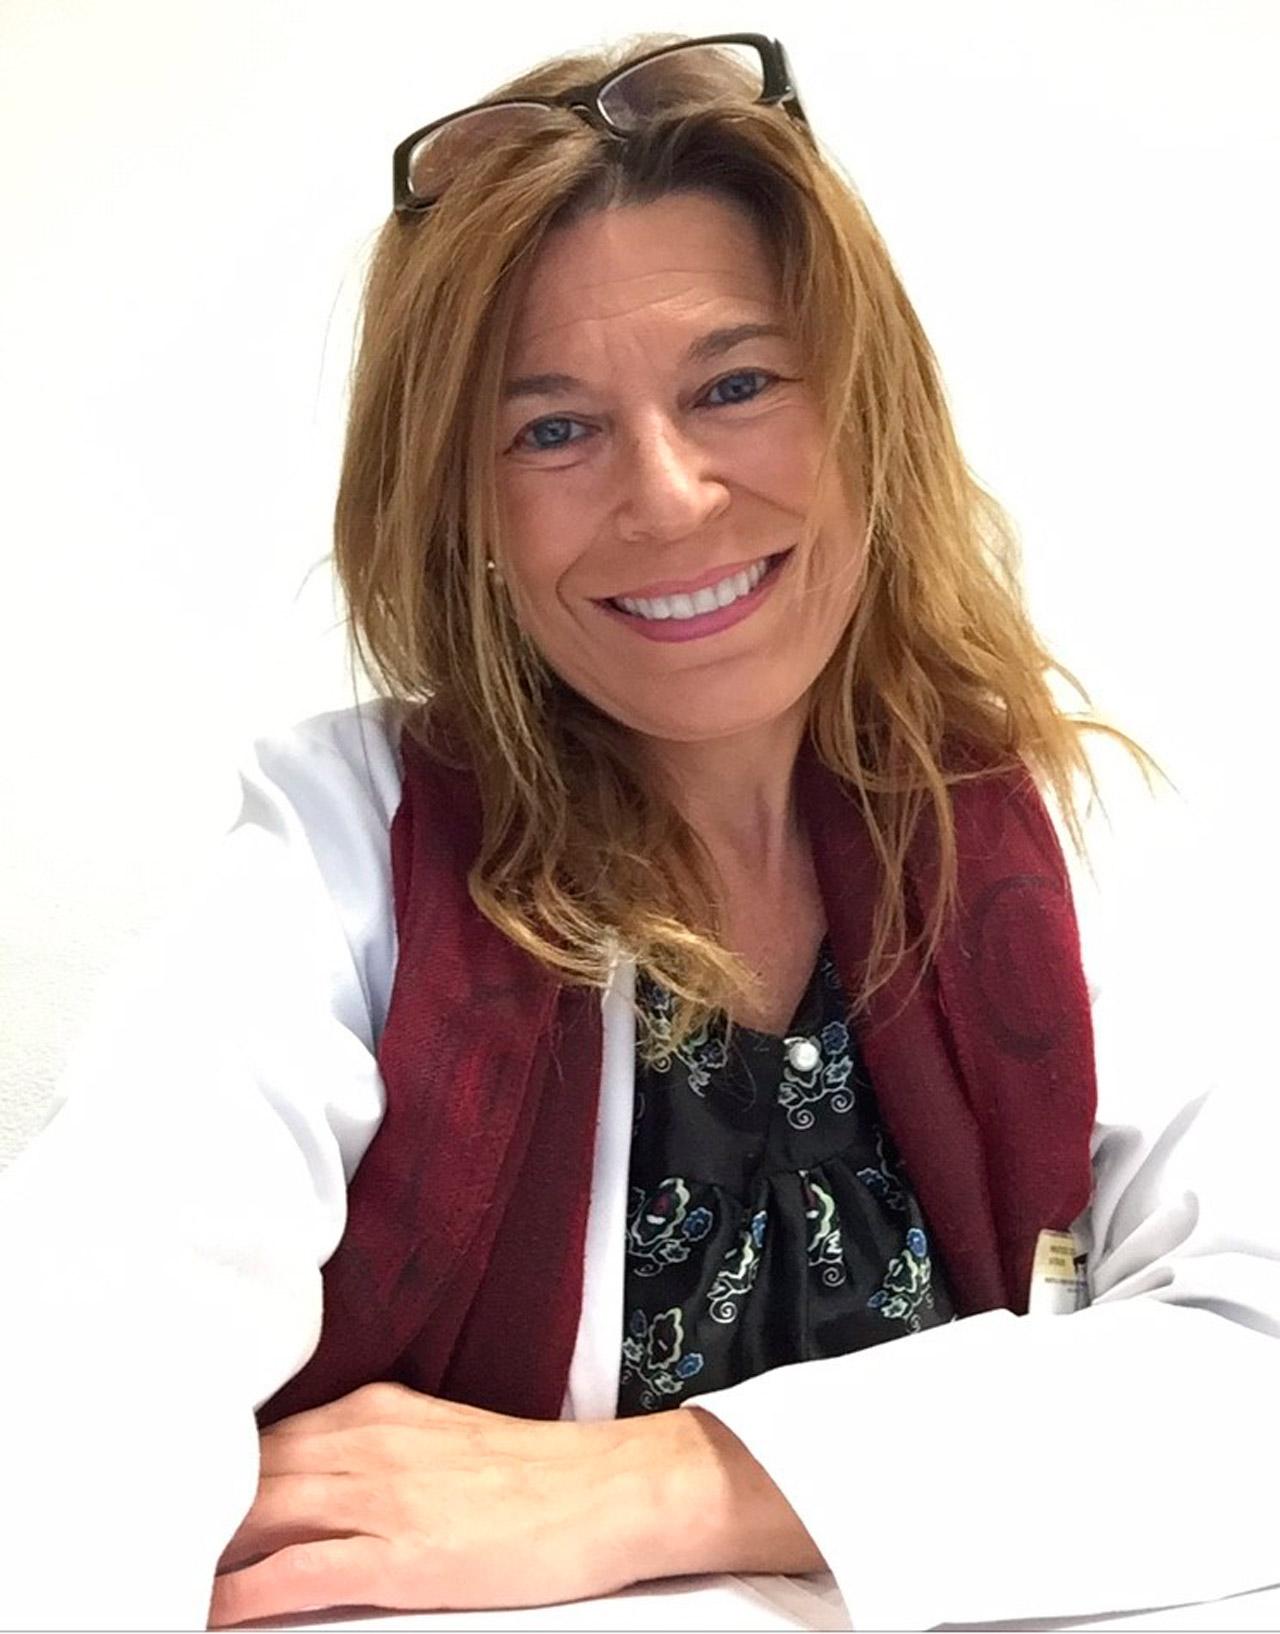 Miriam Celdrán, Responsable del Servicio de Farmacia del Hospital Psiquiátrico Penitenciario de Alicante y del Depósito de Medicamentos del Centro Penitenciario Alicante I.